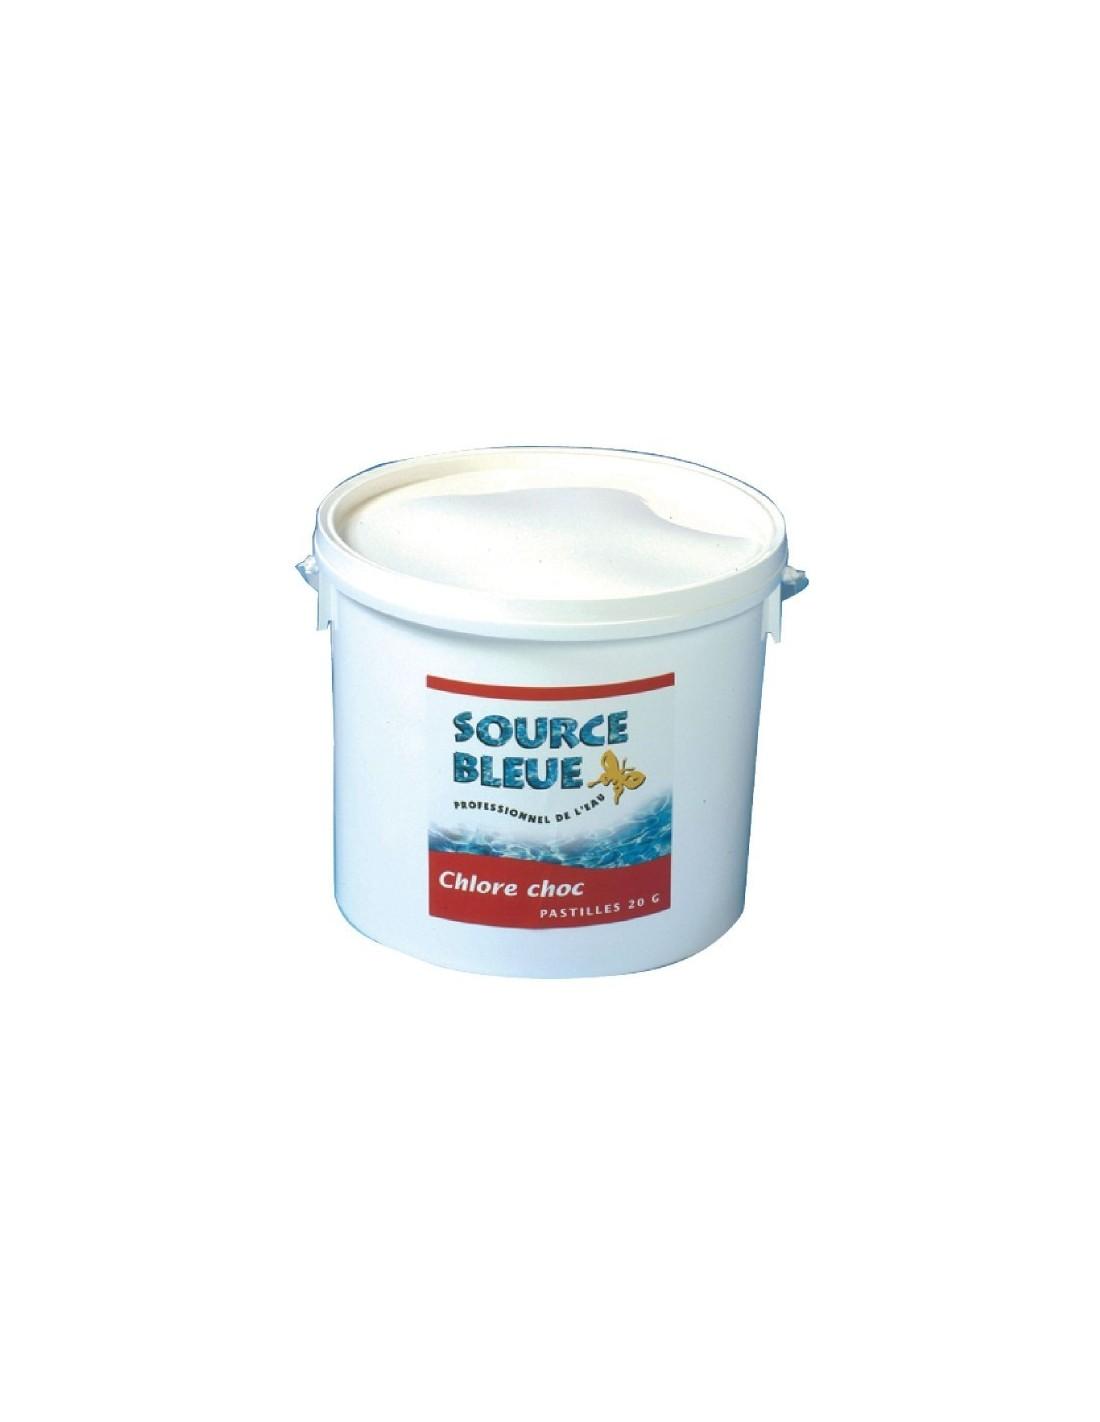 chlore choc piscine source bleue seau 5 kg chlore choc source bleue seau 5 kg. Black Bedroom Furniture Sets. Home Design Ideas